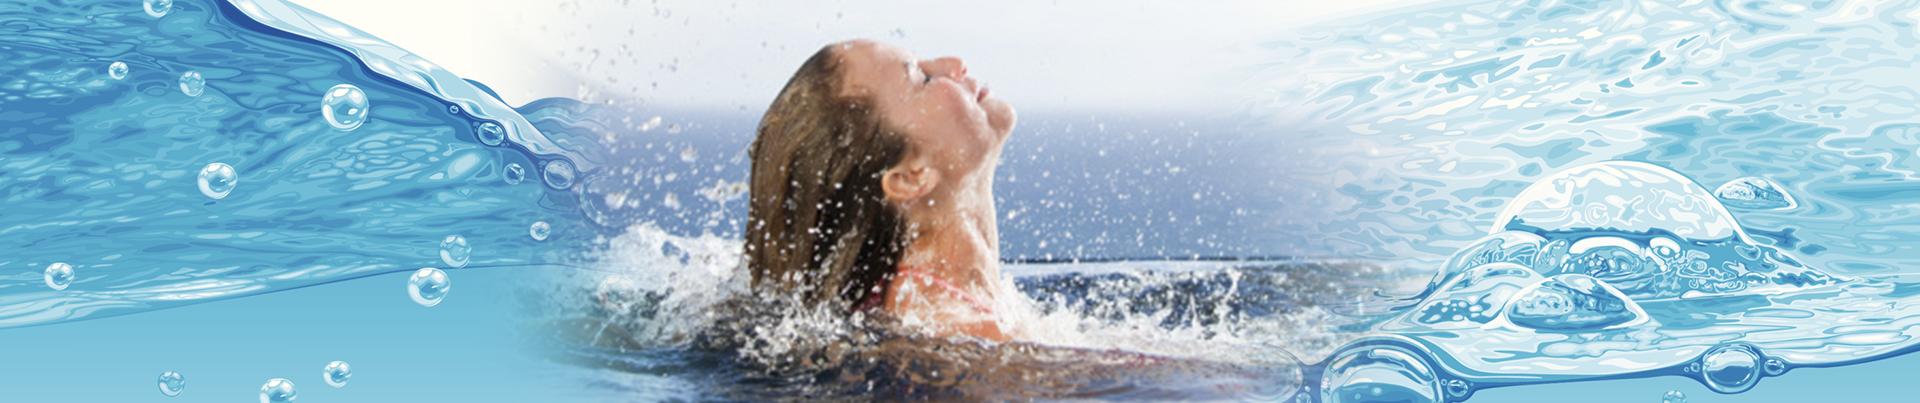 aguas y usos